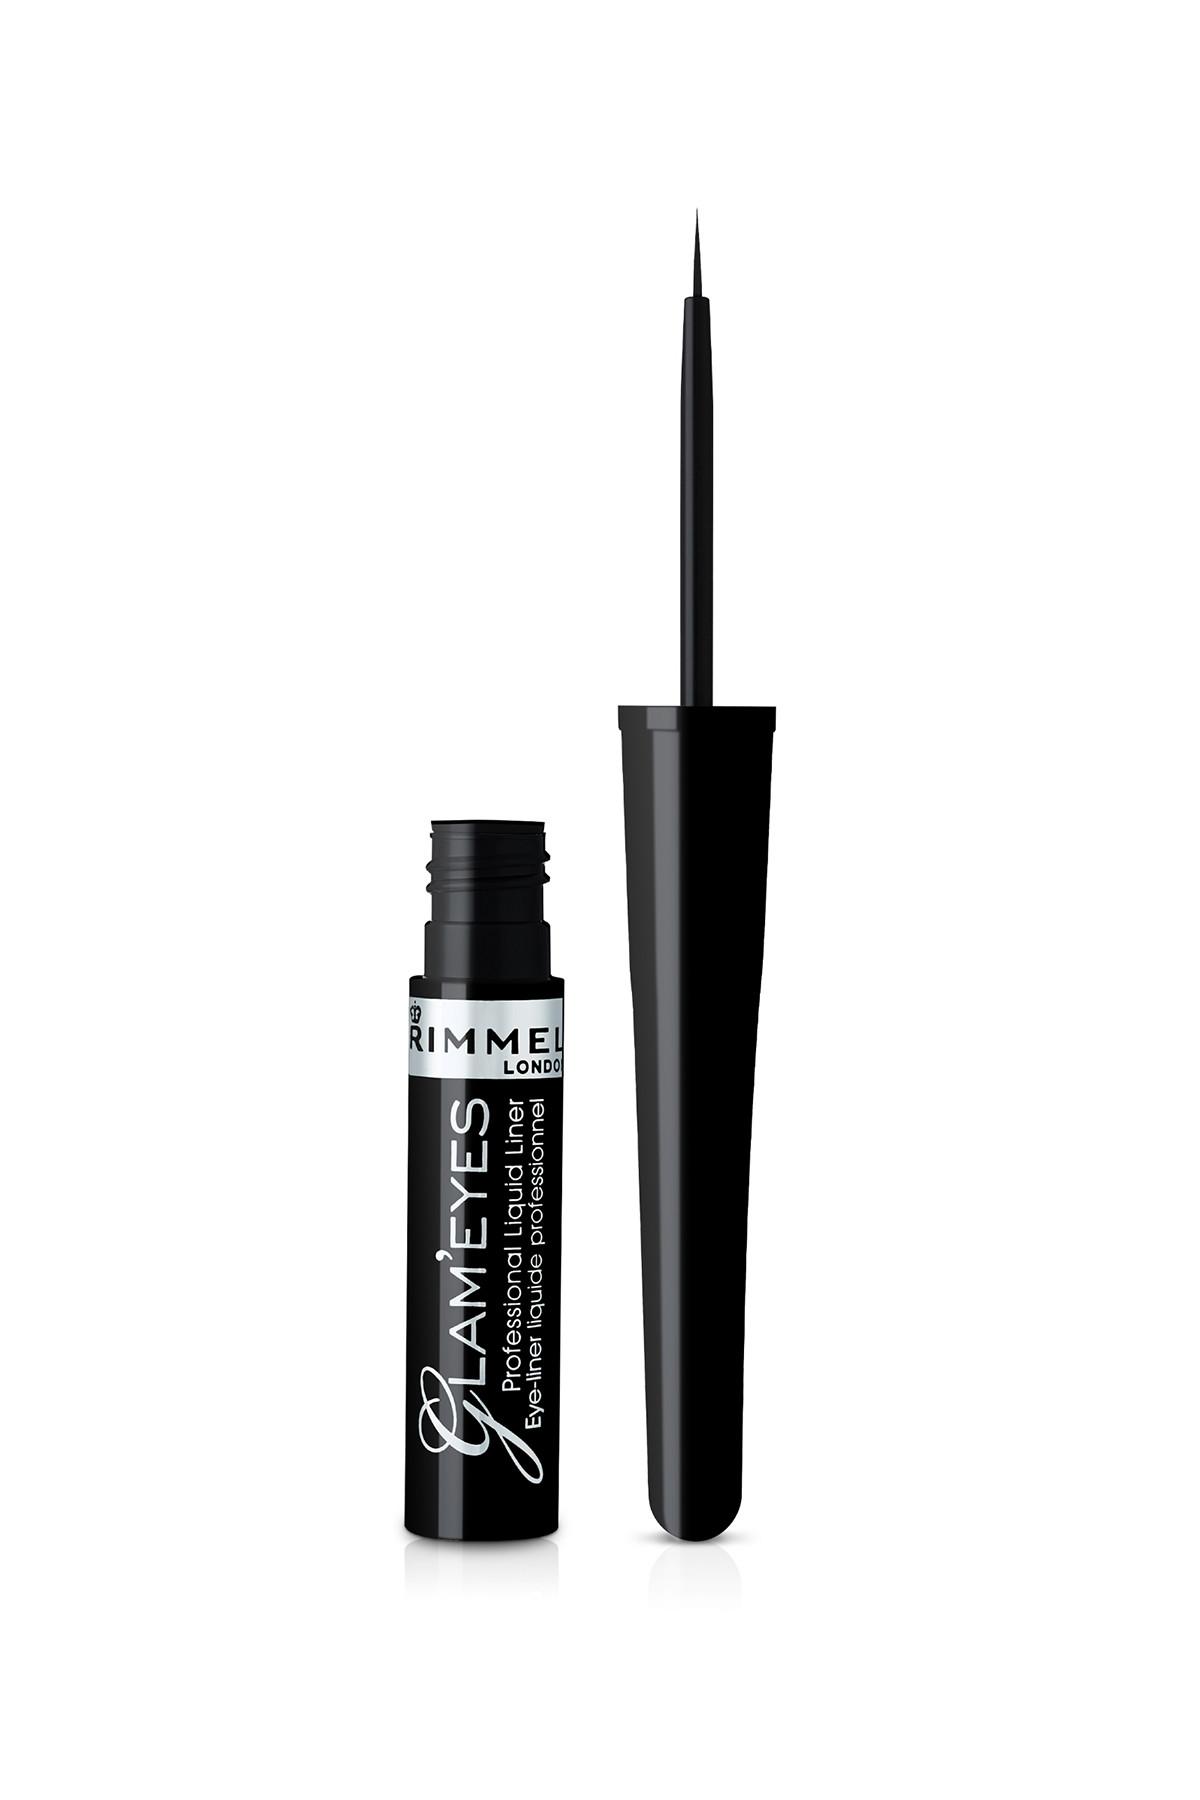 RIMMEL LONDON Siyah Eyeliner - Glam'Eyes Professional Liquid Eyeliner Black Glamour 3607344174083 1